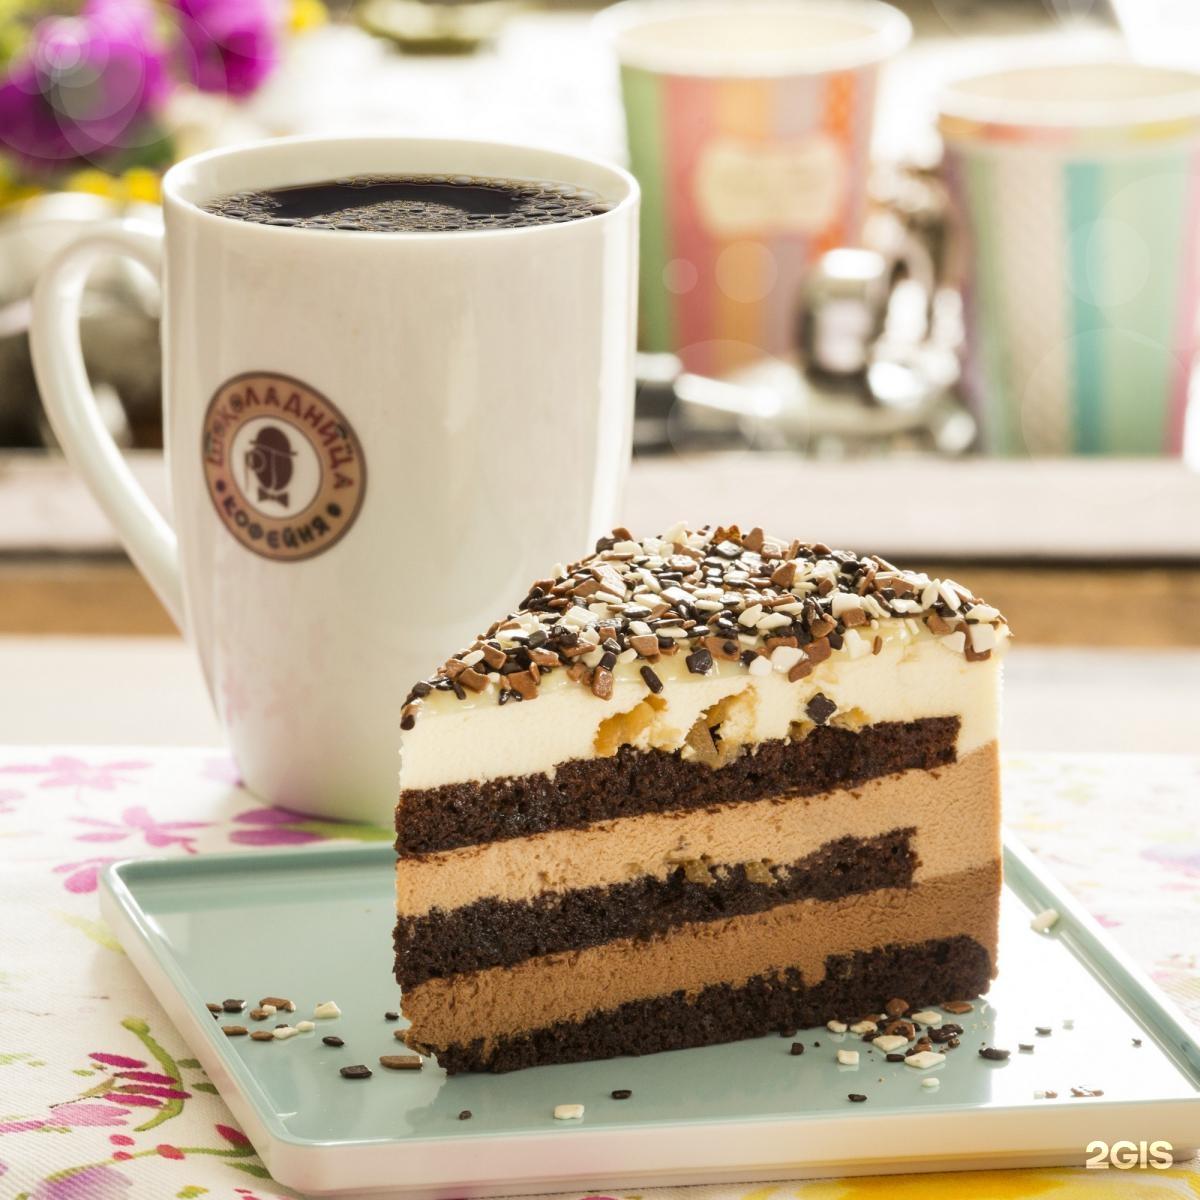 Грусти, картинки с кофем и пирожными красивые